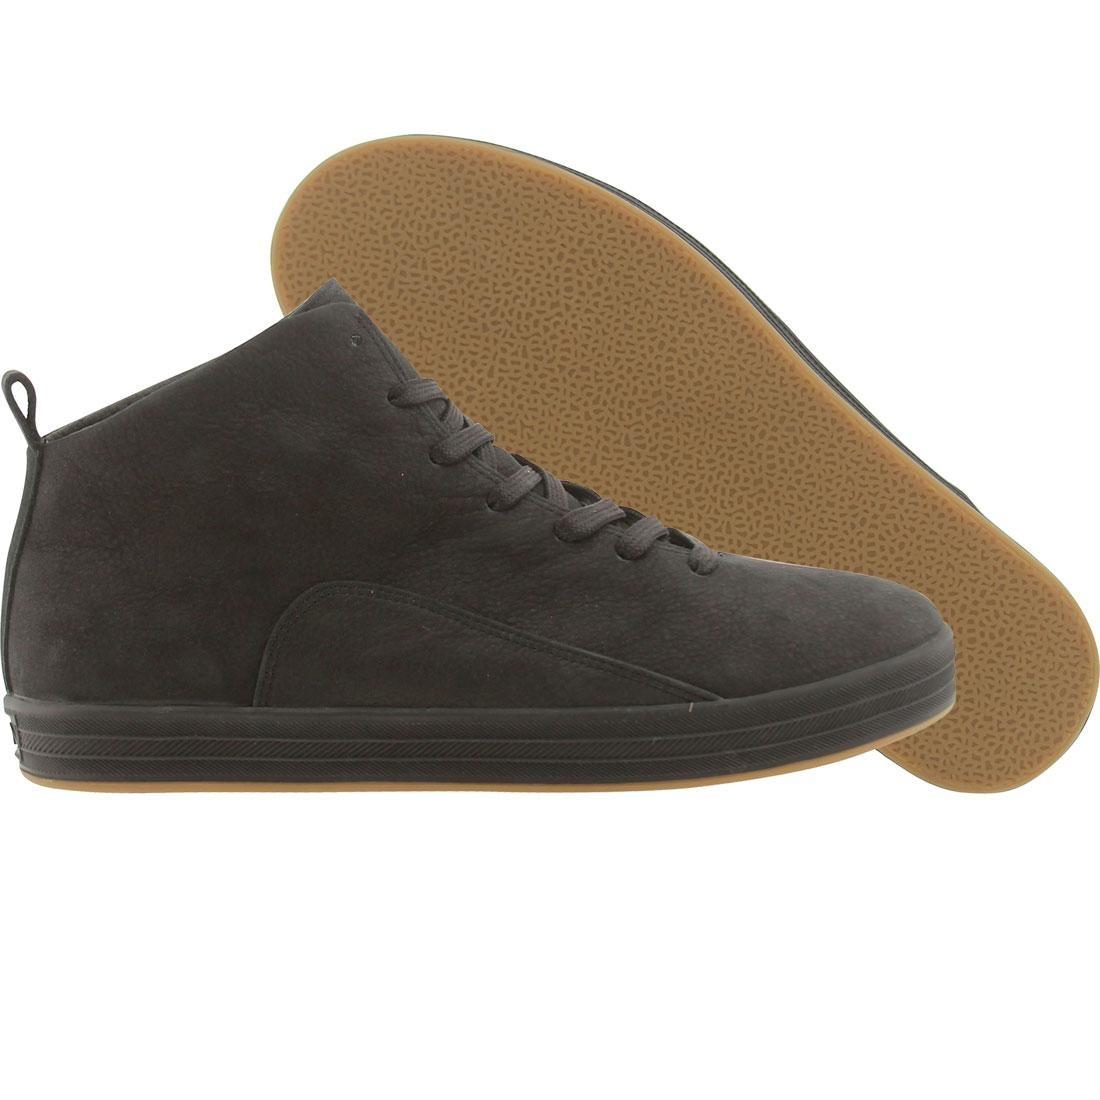 【海外限定】グルメ L'QUATTRO メンズ靴 スニーカー 【 GOURMET BLACK 】